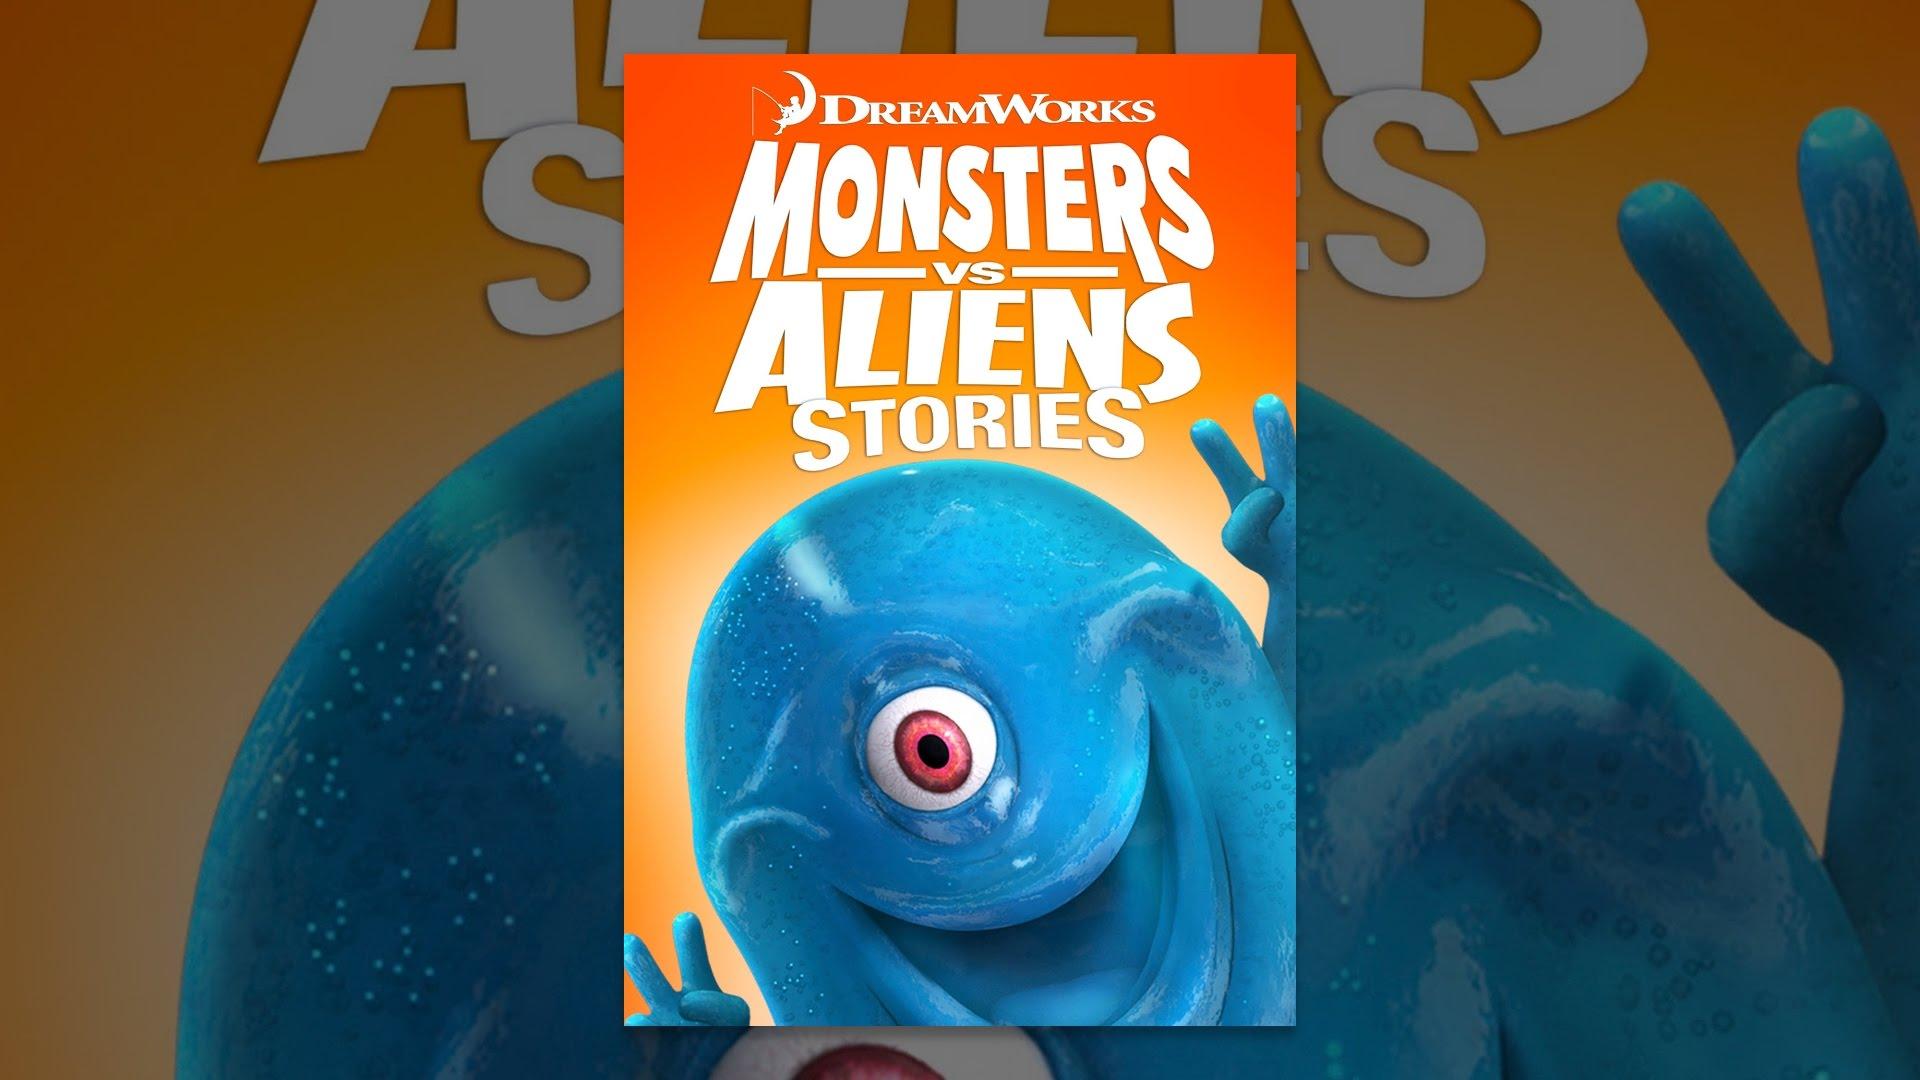 dreamworks monsters vs aliens stories youtube